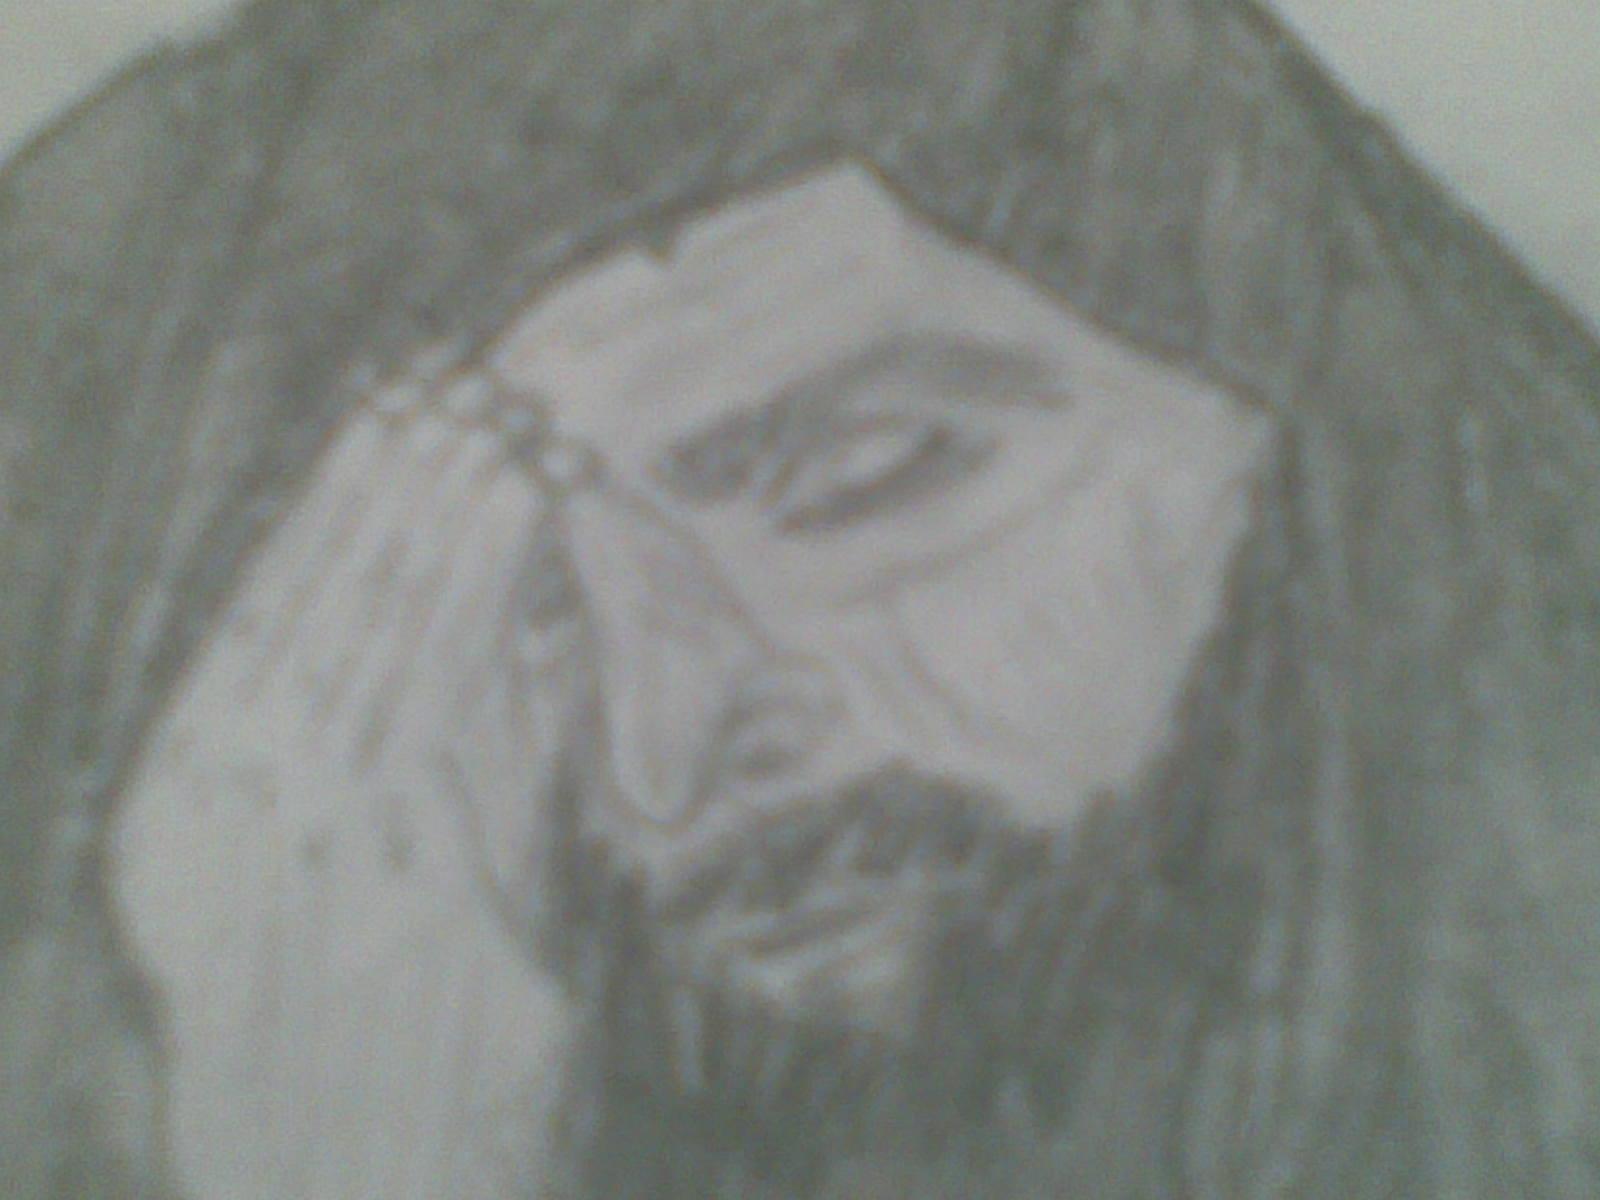 لاول مره علي منتدي الكنيسه ... رسوماتي الخاصه ويارب تعجبيكم ...